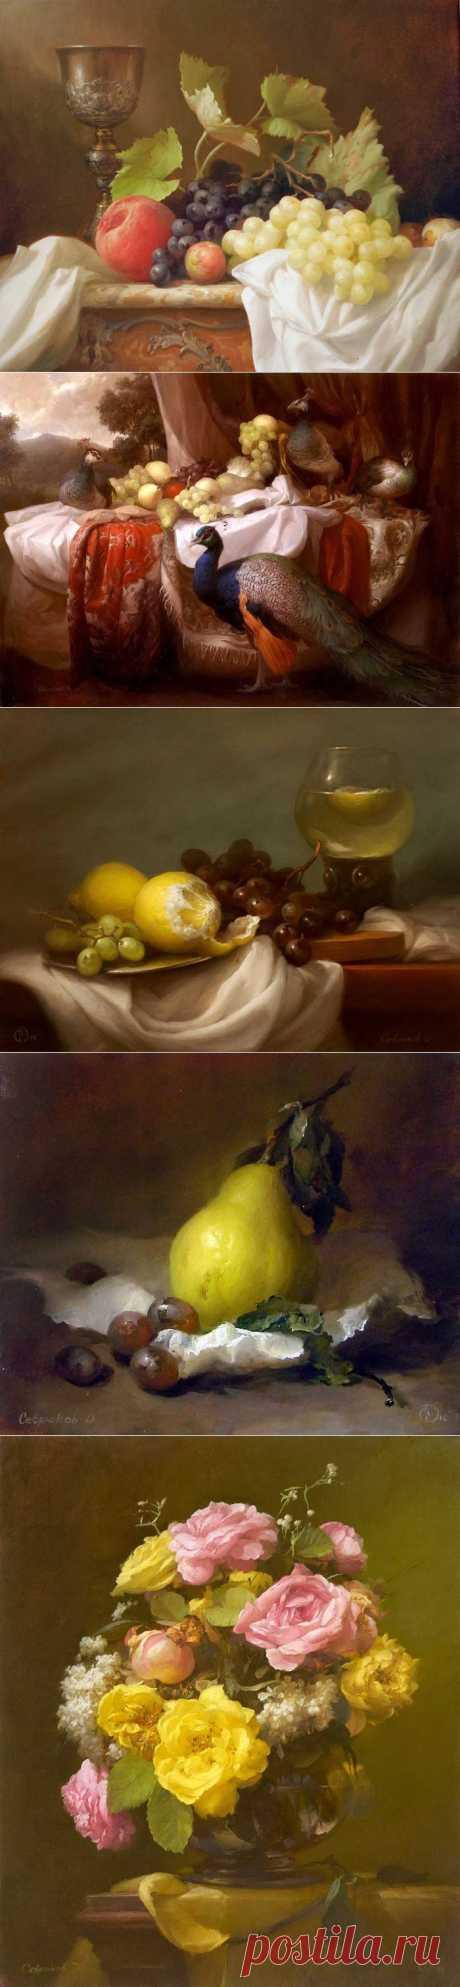 Современное искусство. Дмитрий Севрюков